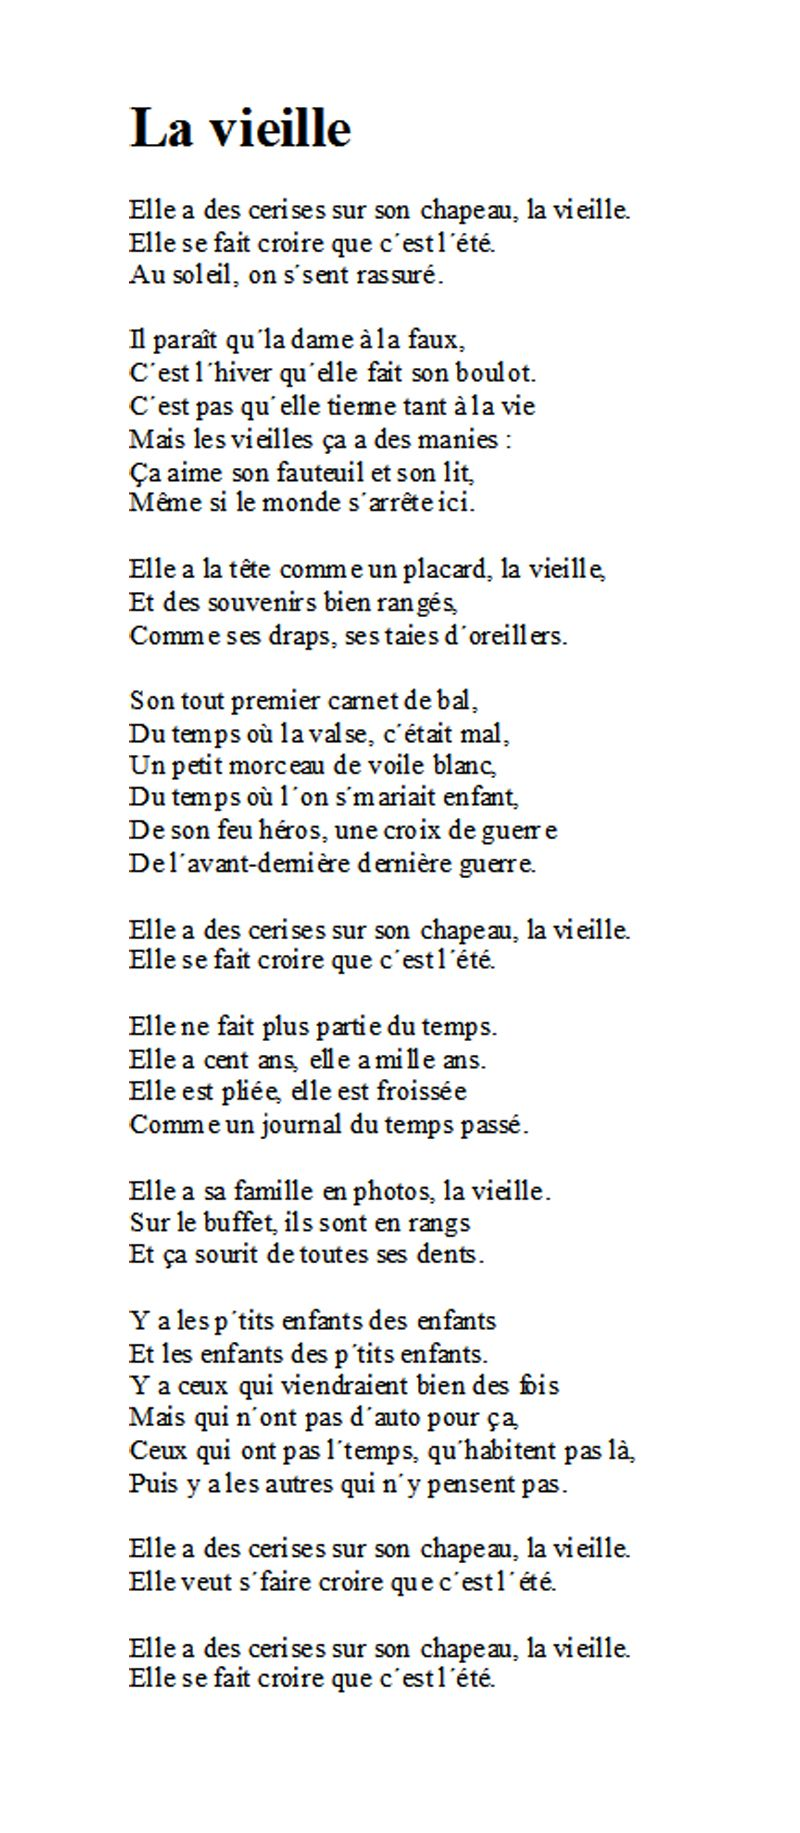 Chanson Sur Le Temps Qui Passe En Francais : chanson, temps, passe, francais, Vieille, Michel, Sardou, Texte, Chanson,, Paroles, Chansons,, Poésie, Française